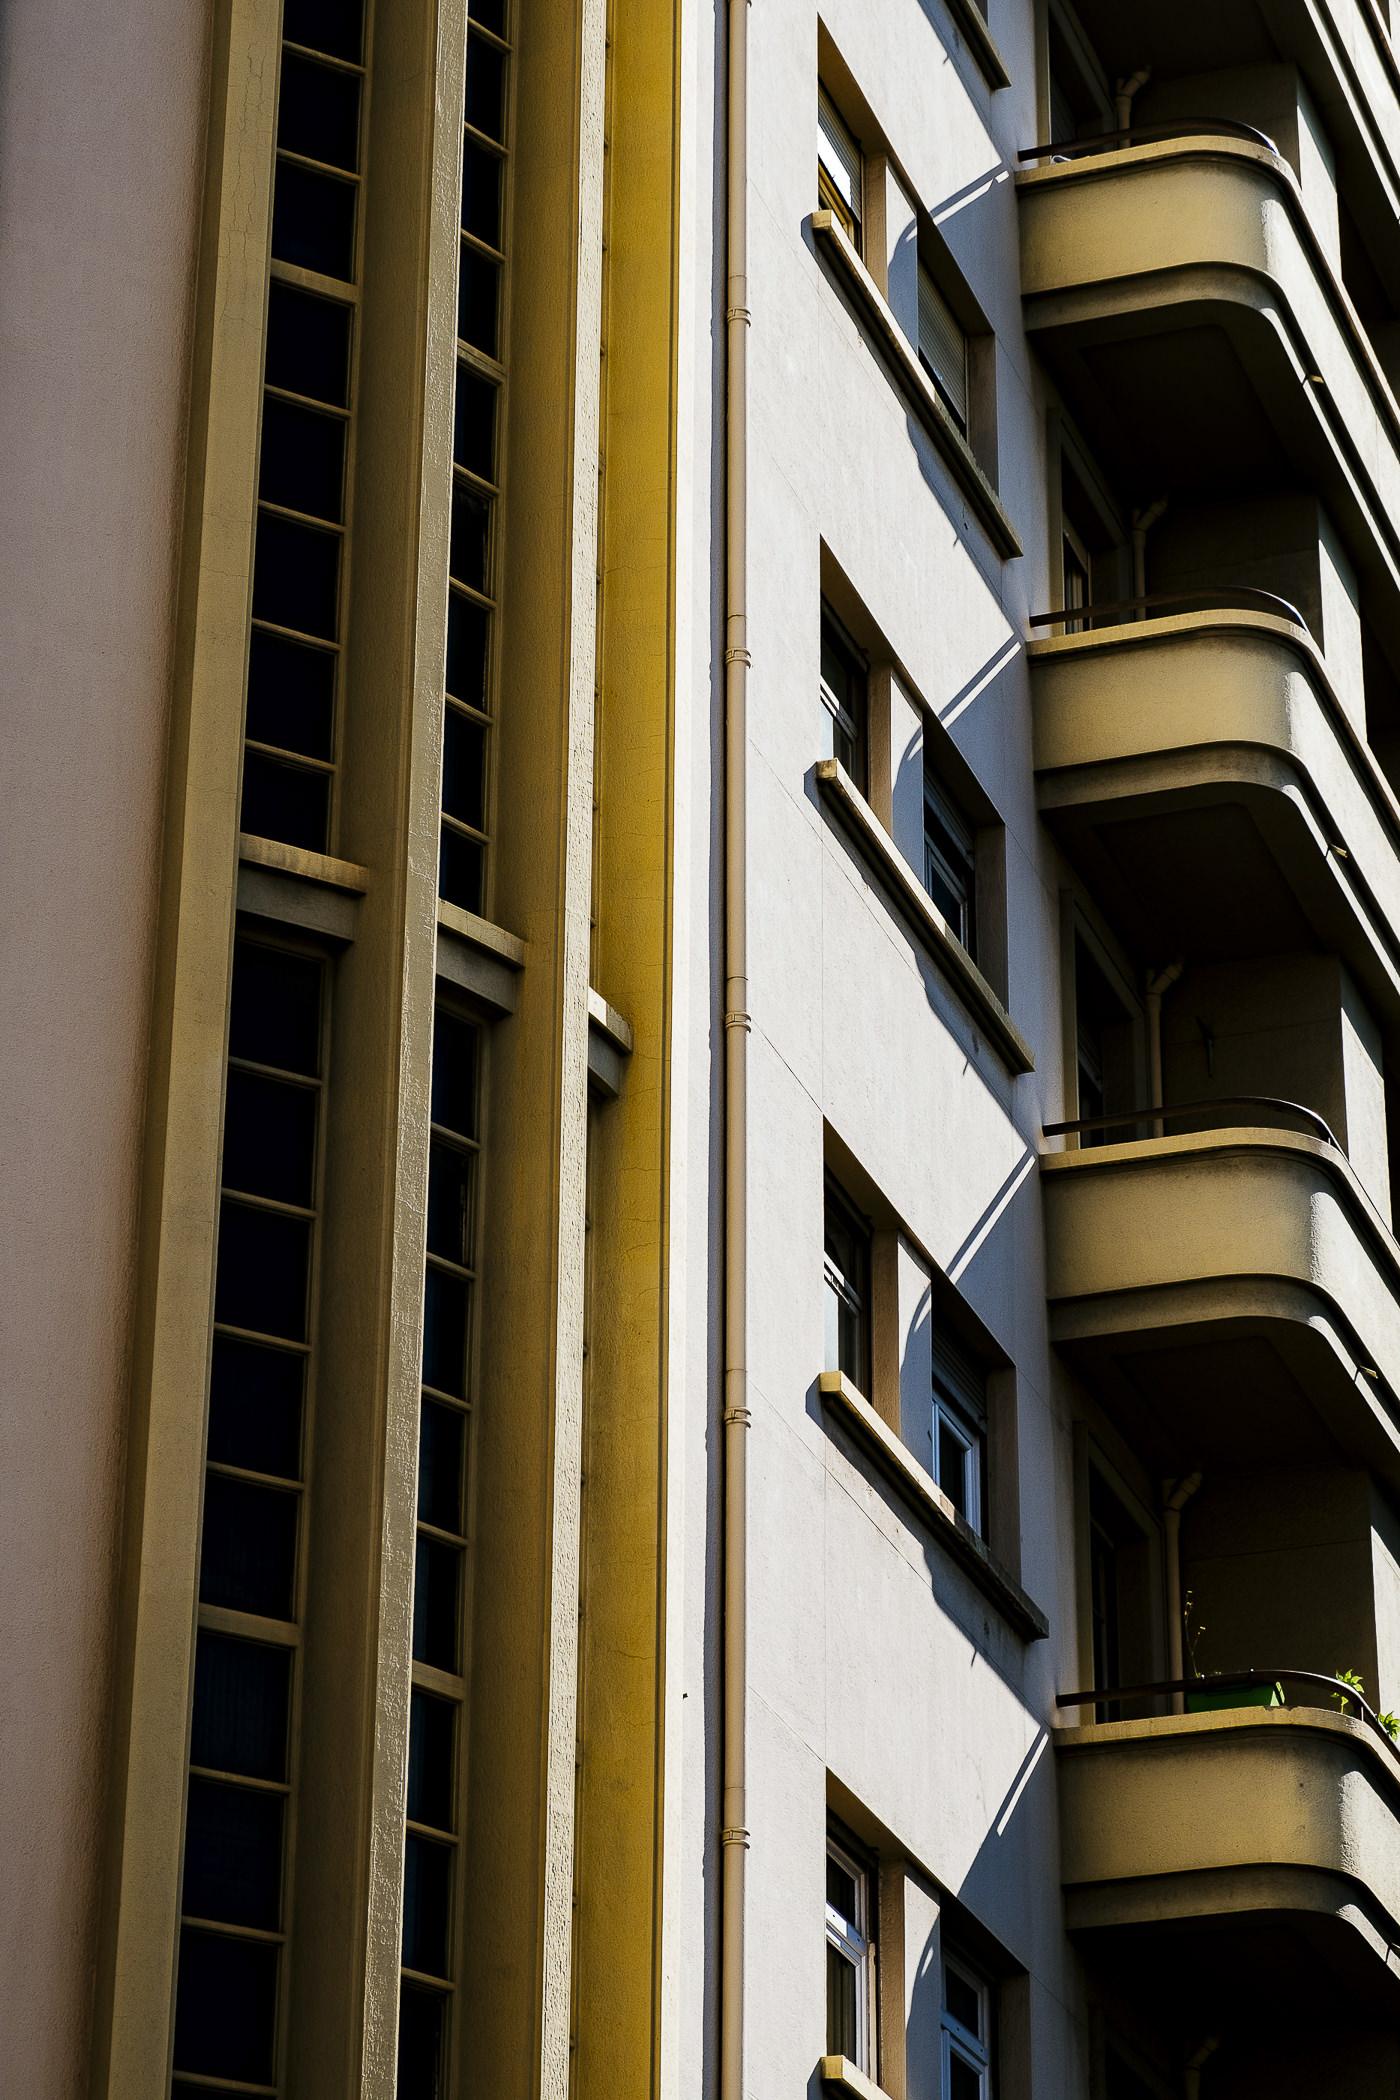 ARCHITECTURE_78.jpg